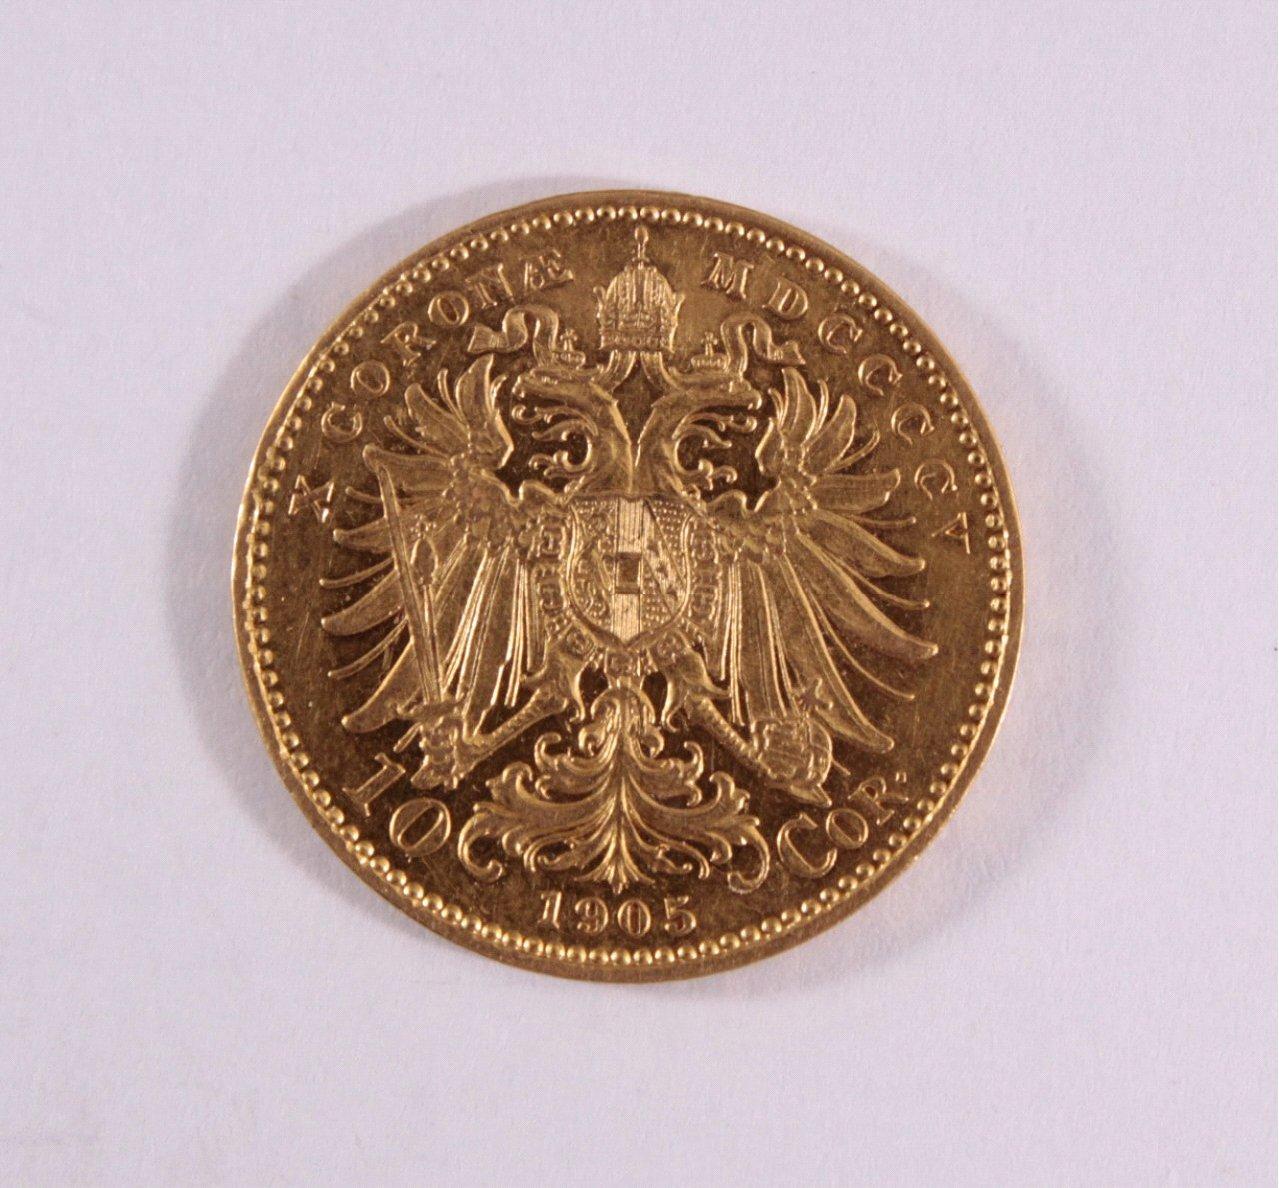 Österreich-Ungarn, 10 Korona 1905, Kursgoldmünze-1